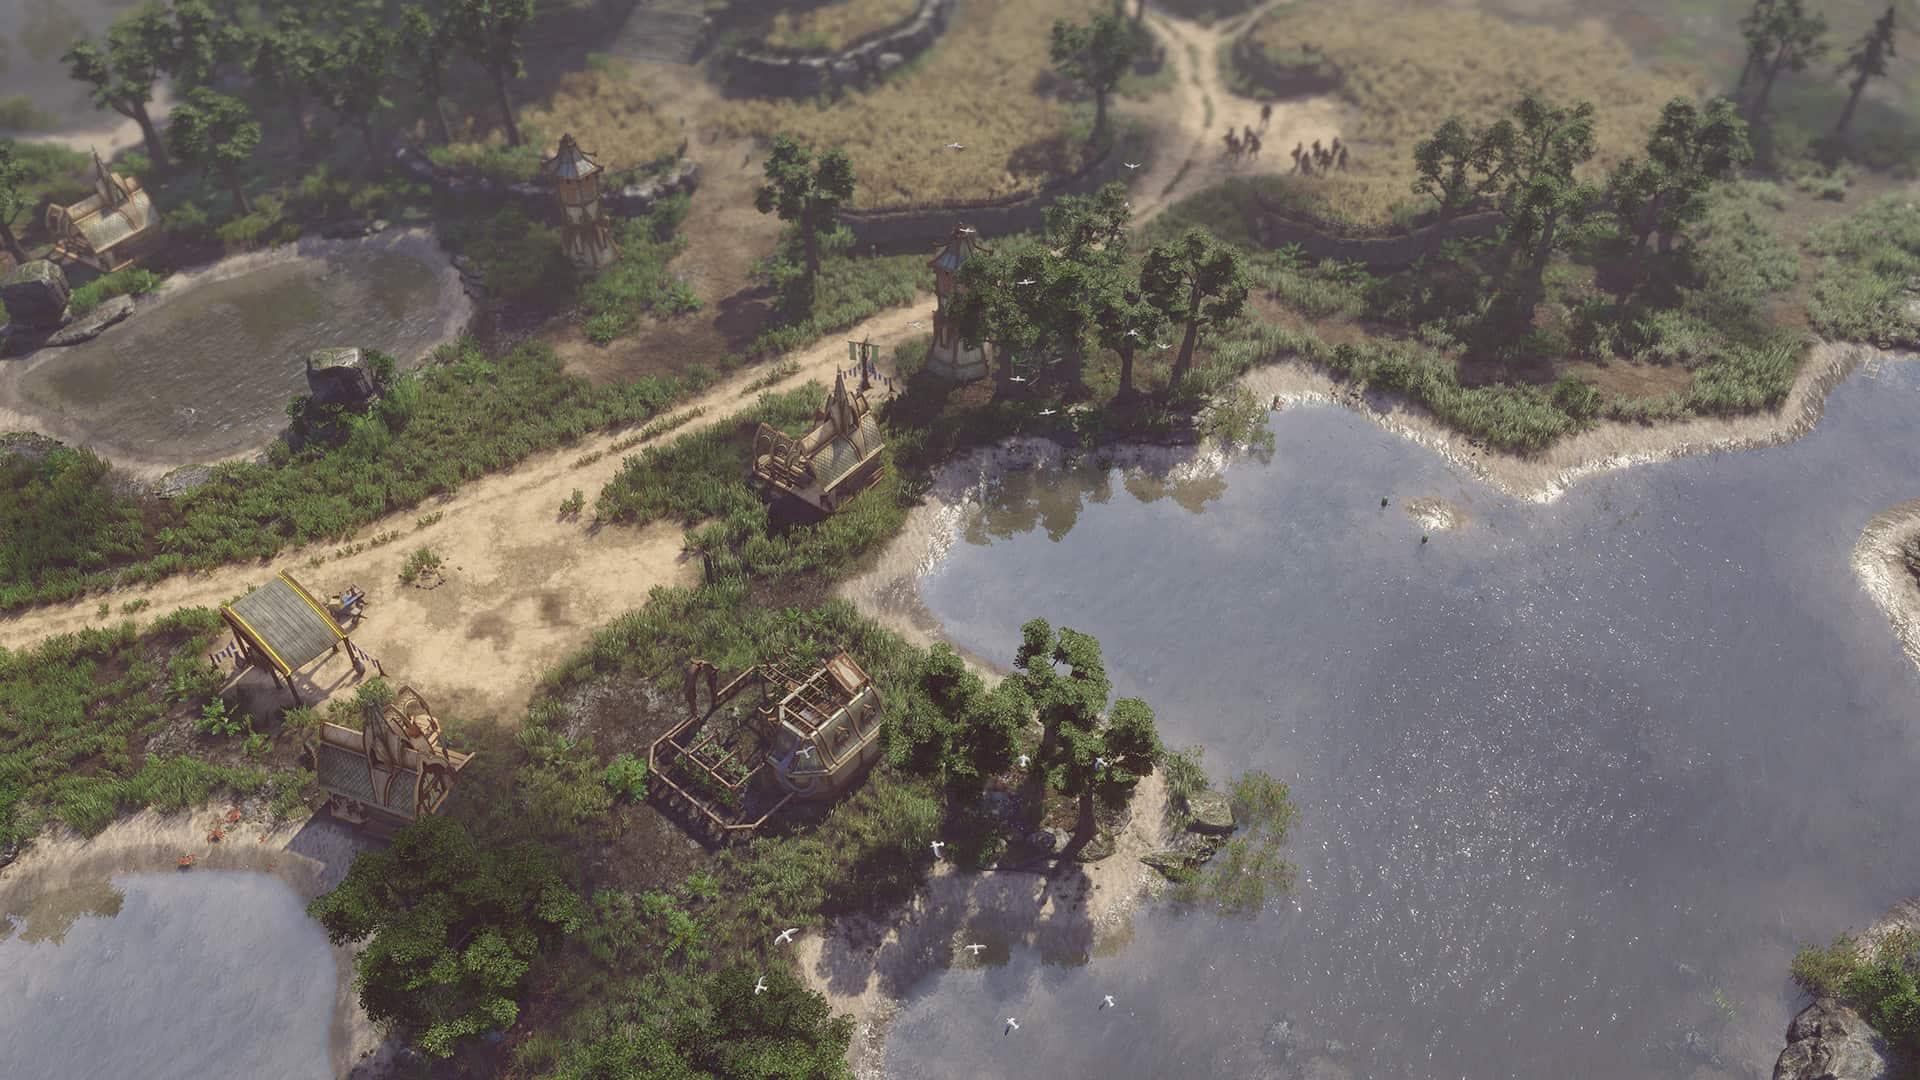 spellforce 3 - SpellForce 3 riceve un editor di mappe, primo passo per il modding